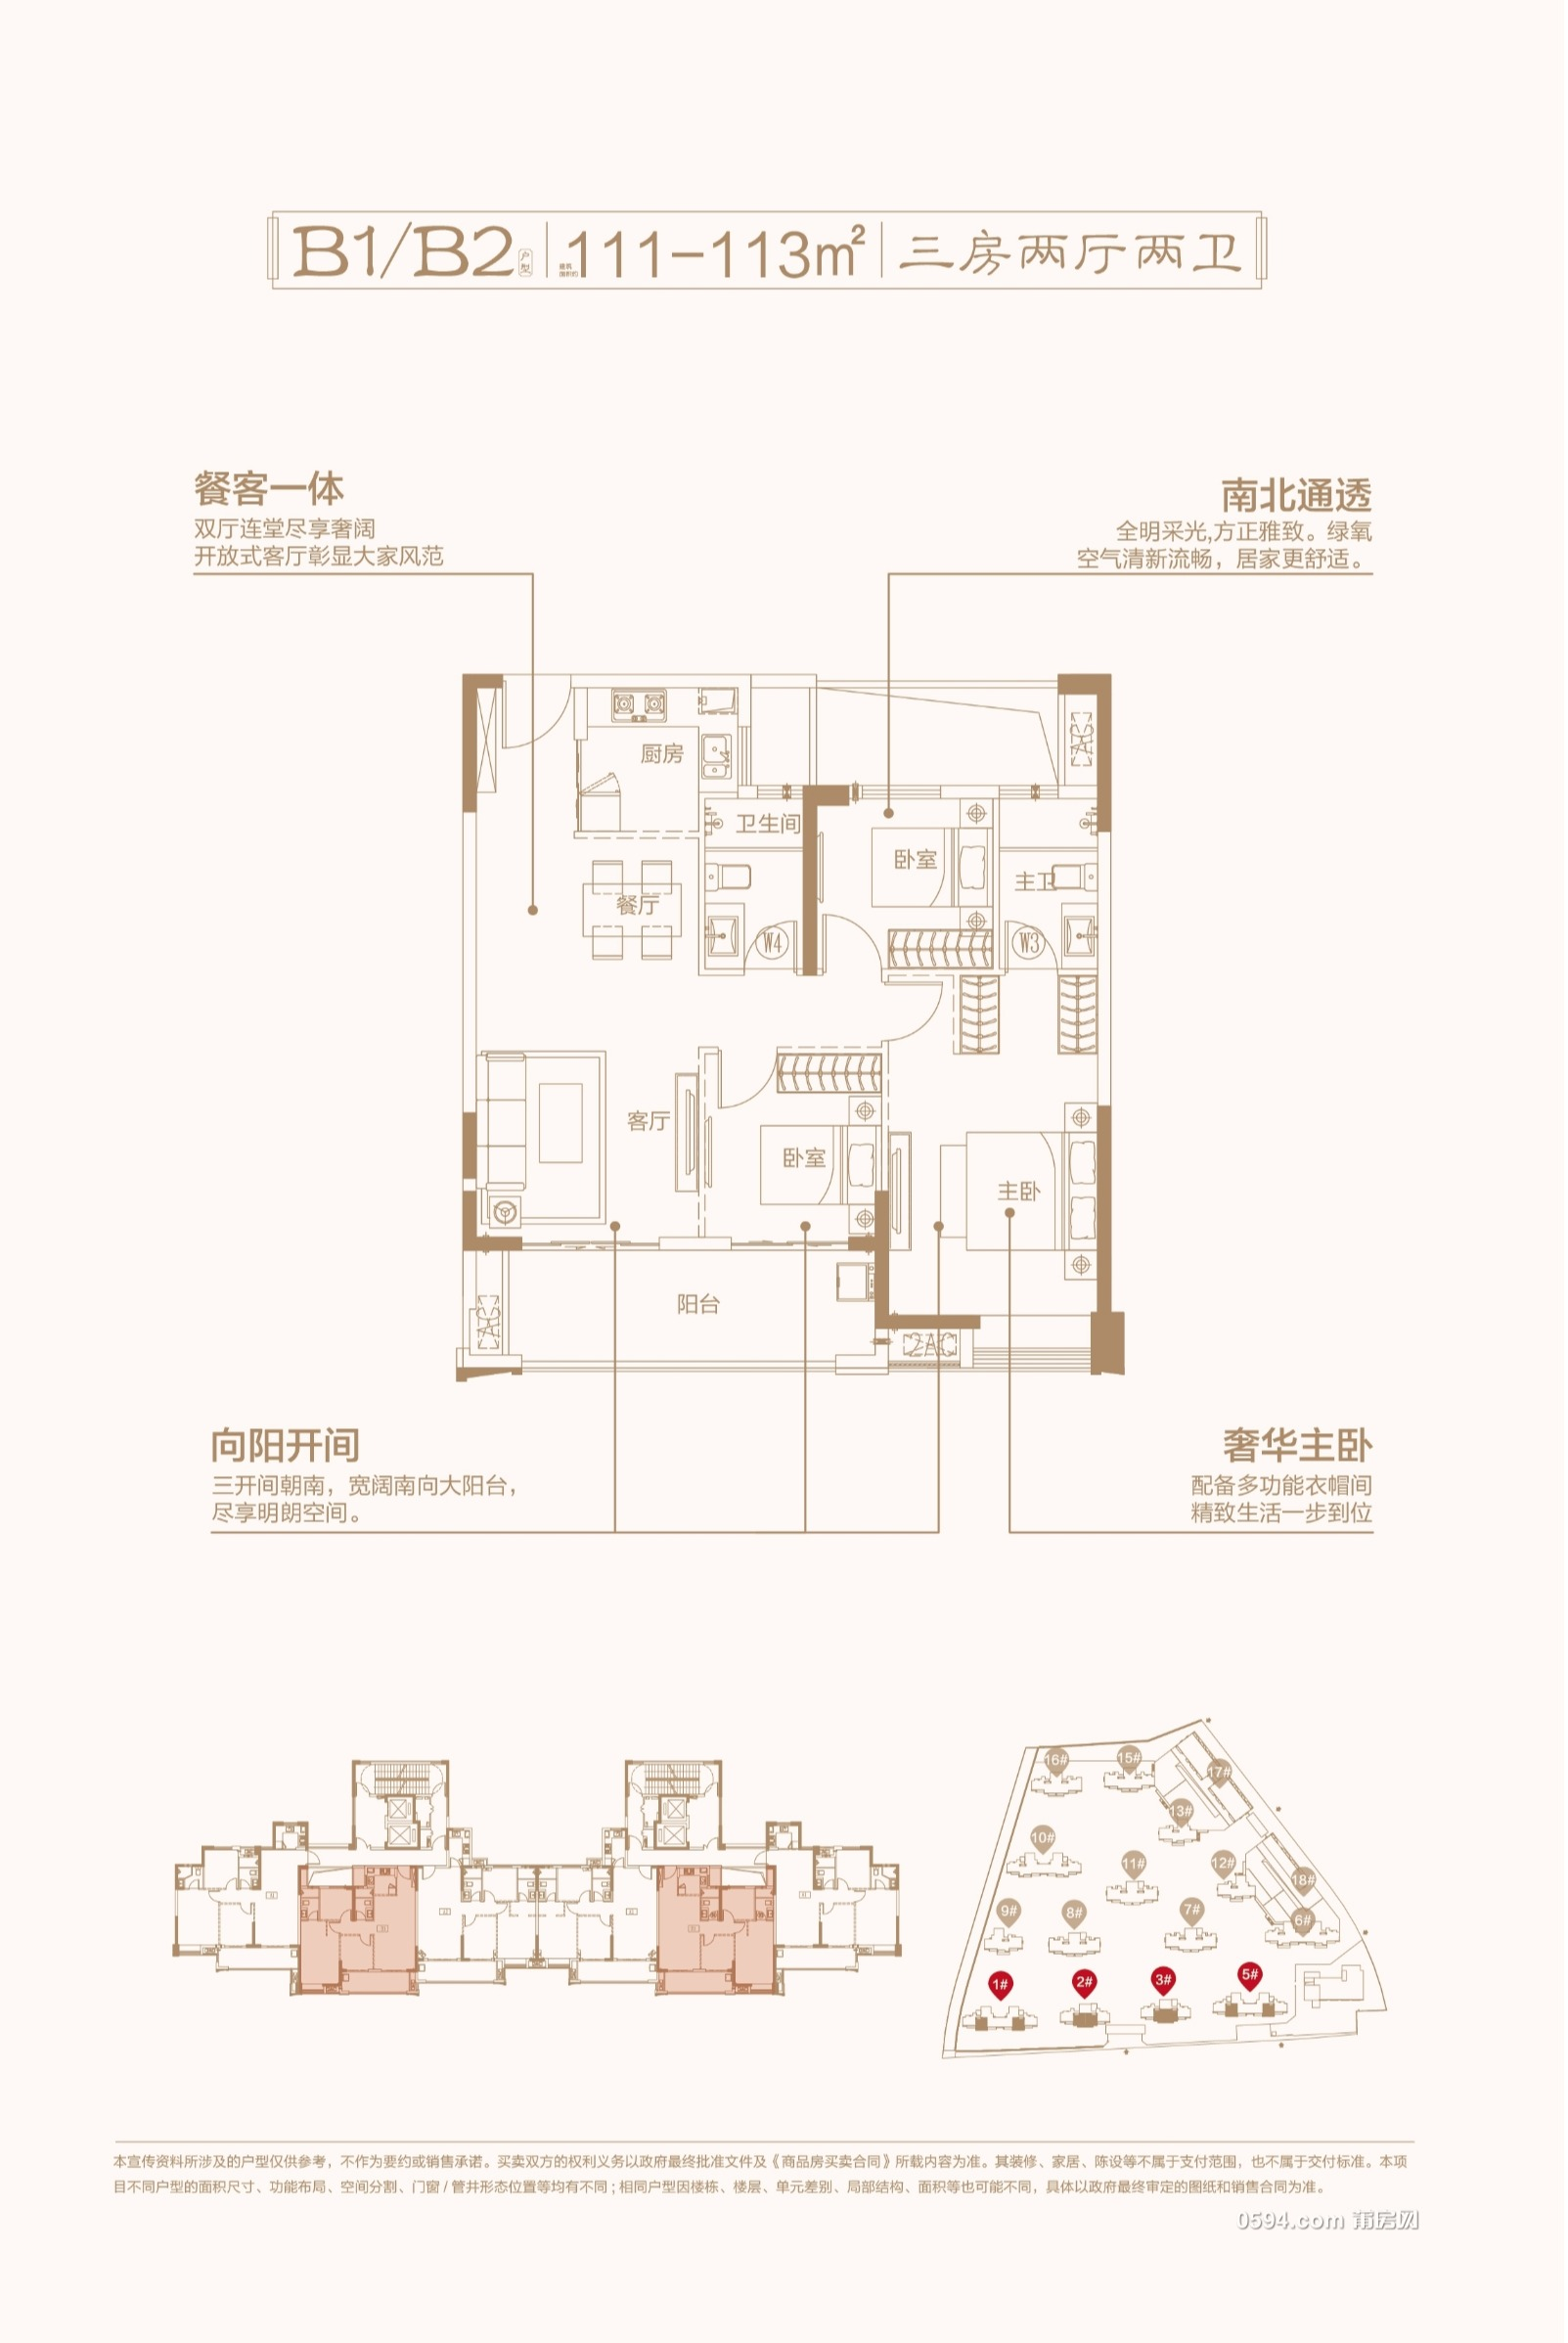 约111-113㎡3房2厅2卫